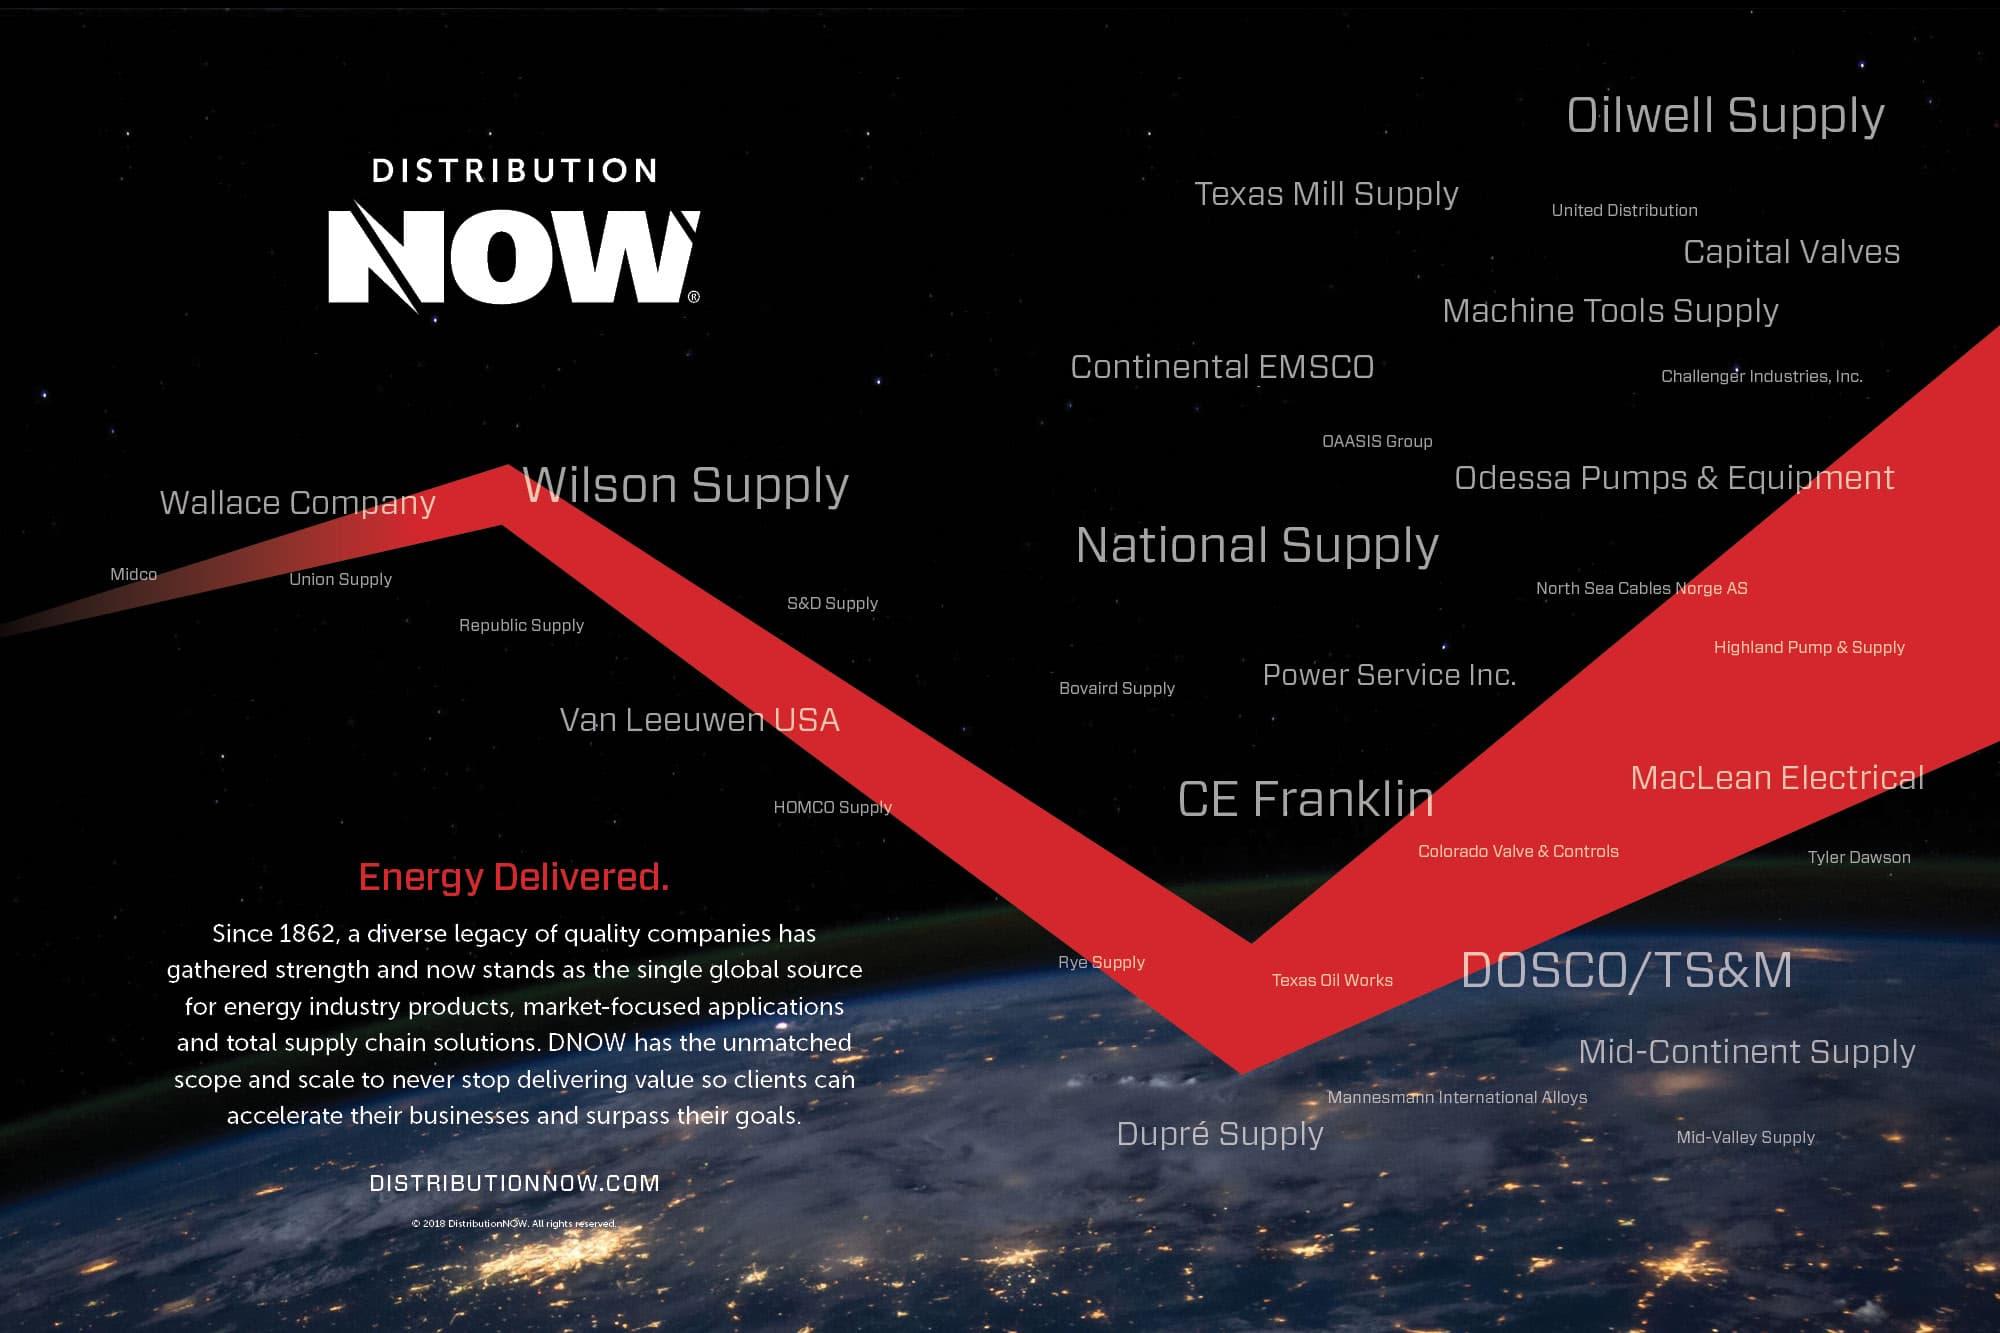 EnergyDelivered_2000x1333-indd-sq